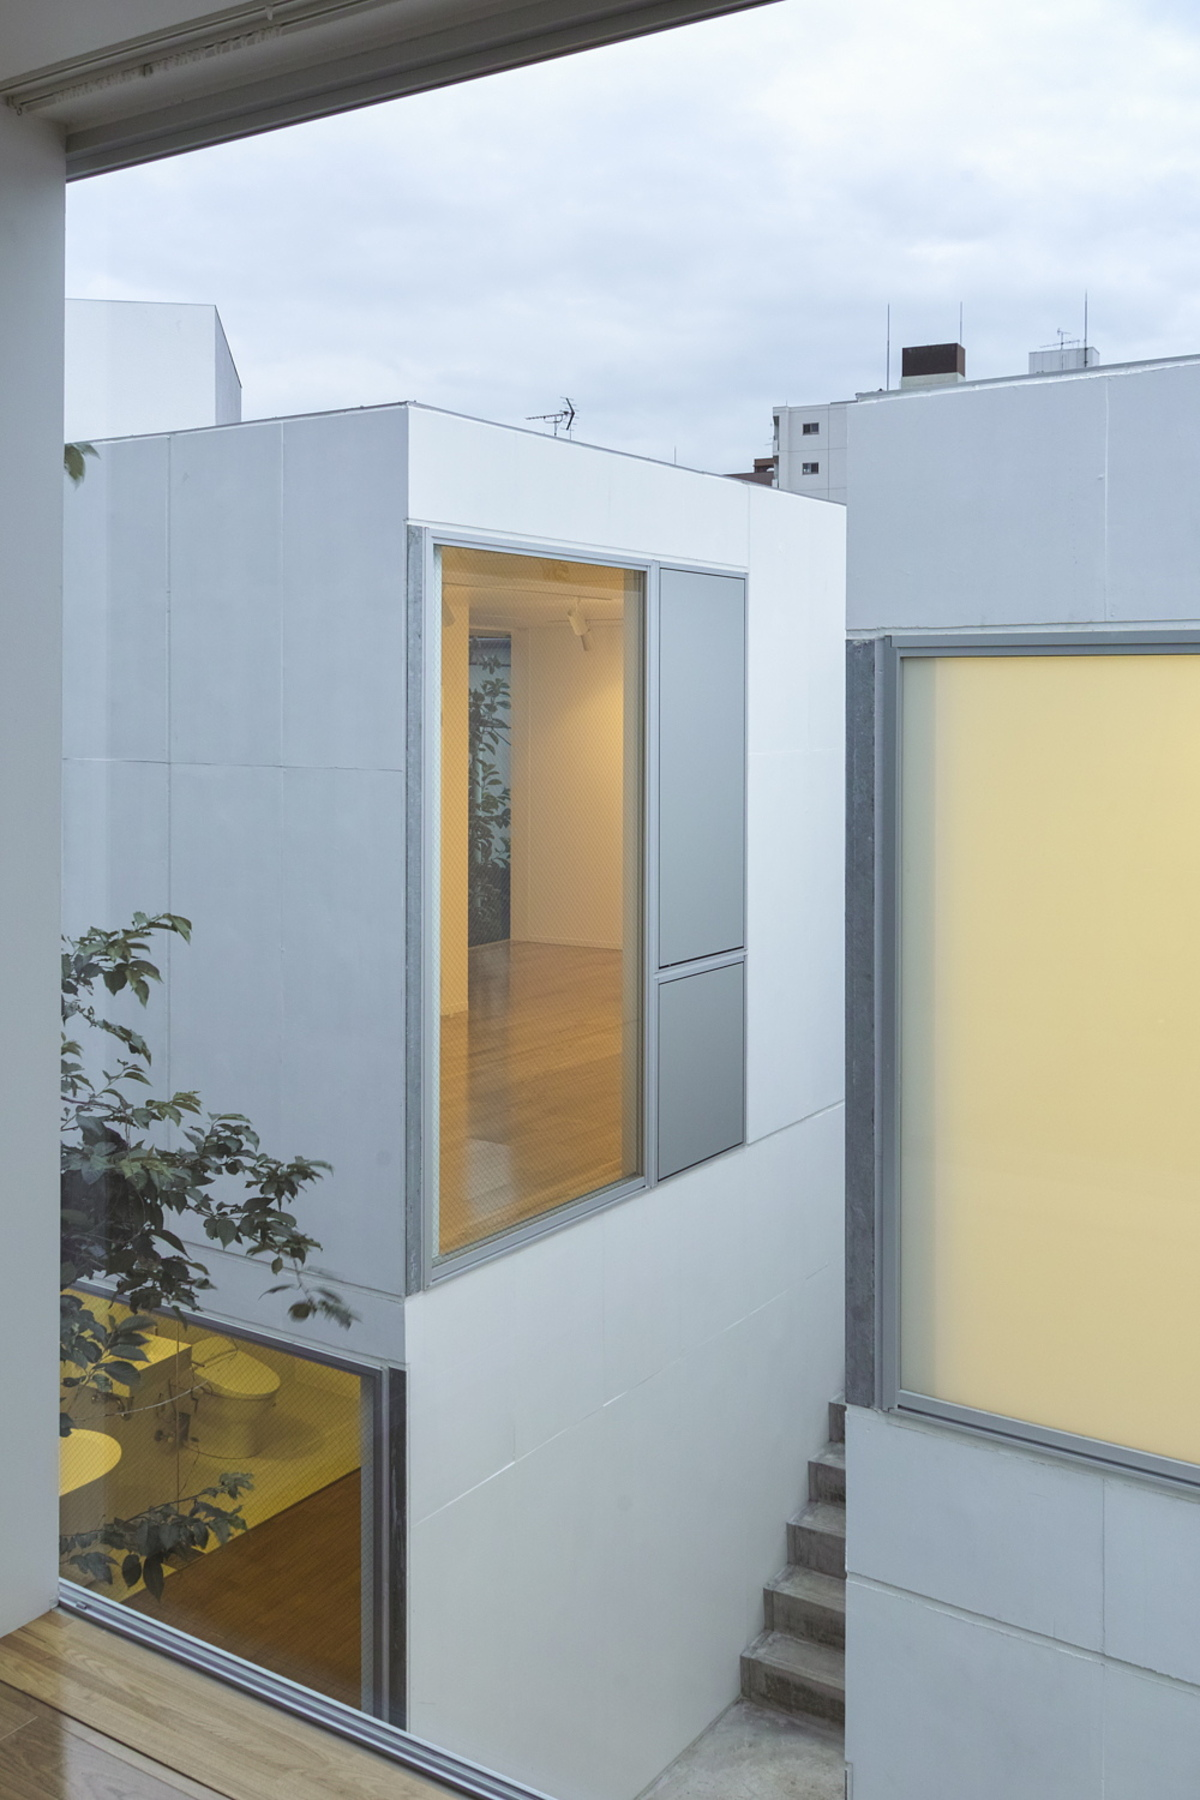 Chiba Manabu: Sugar housing en una galería de arte en Tokio